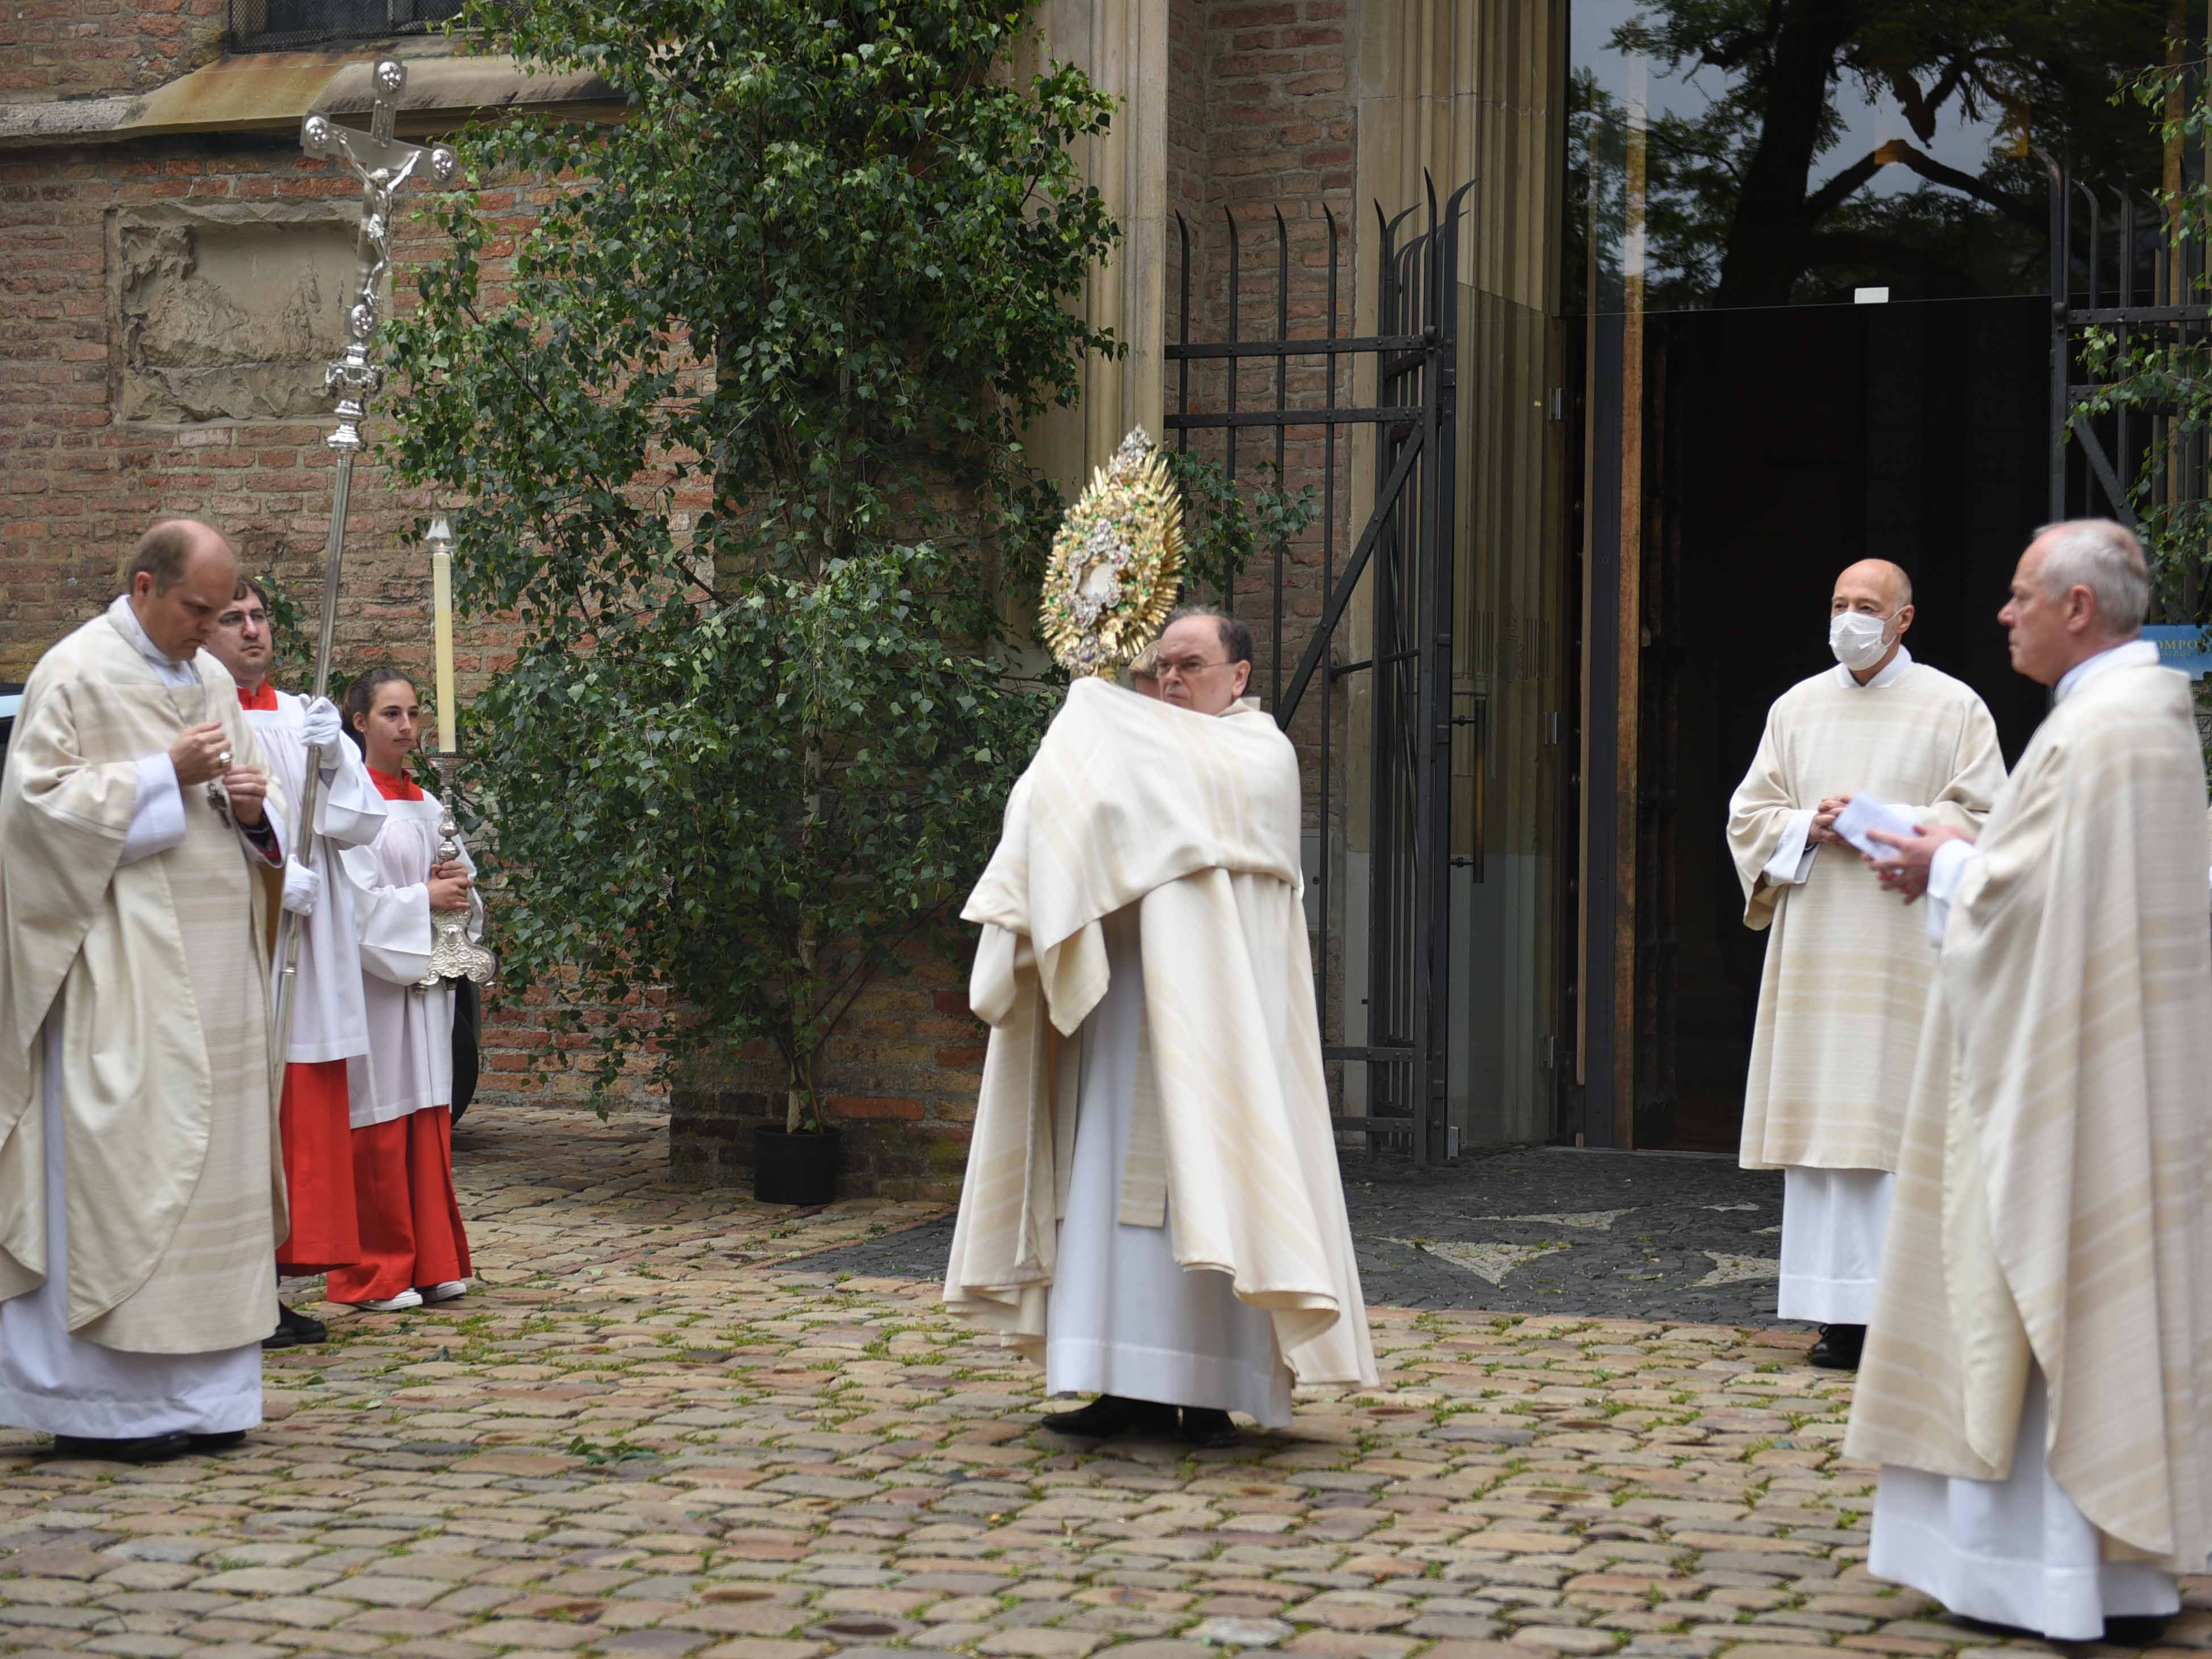 Zum heutigen Fronleichnamsfest segnete Bischof Dr. Bertram Meier die Stadt und ihre Bewohner. (Fotos: Maria Steber / pba)